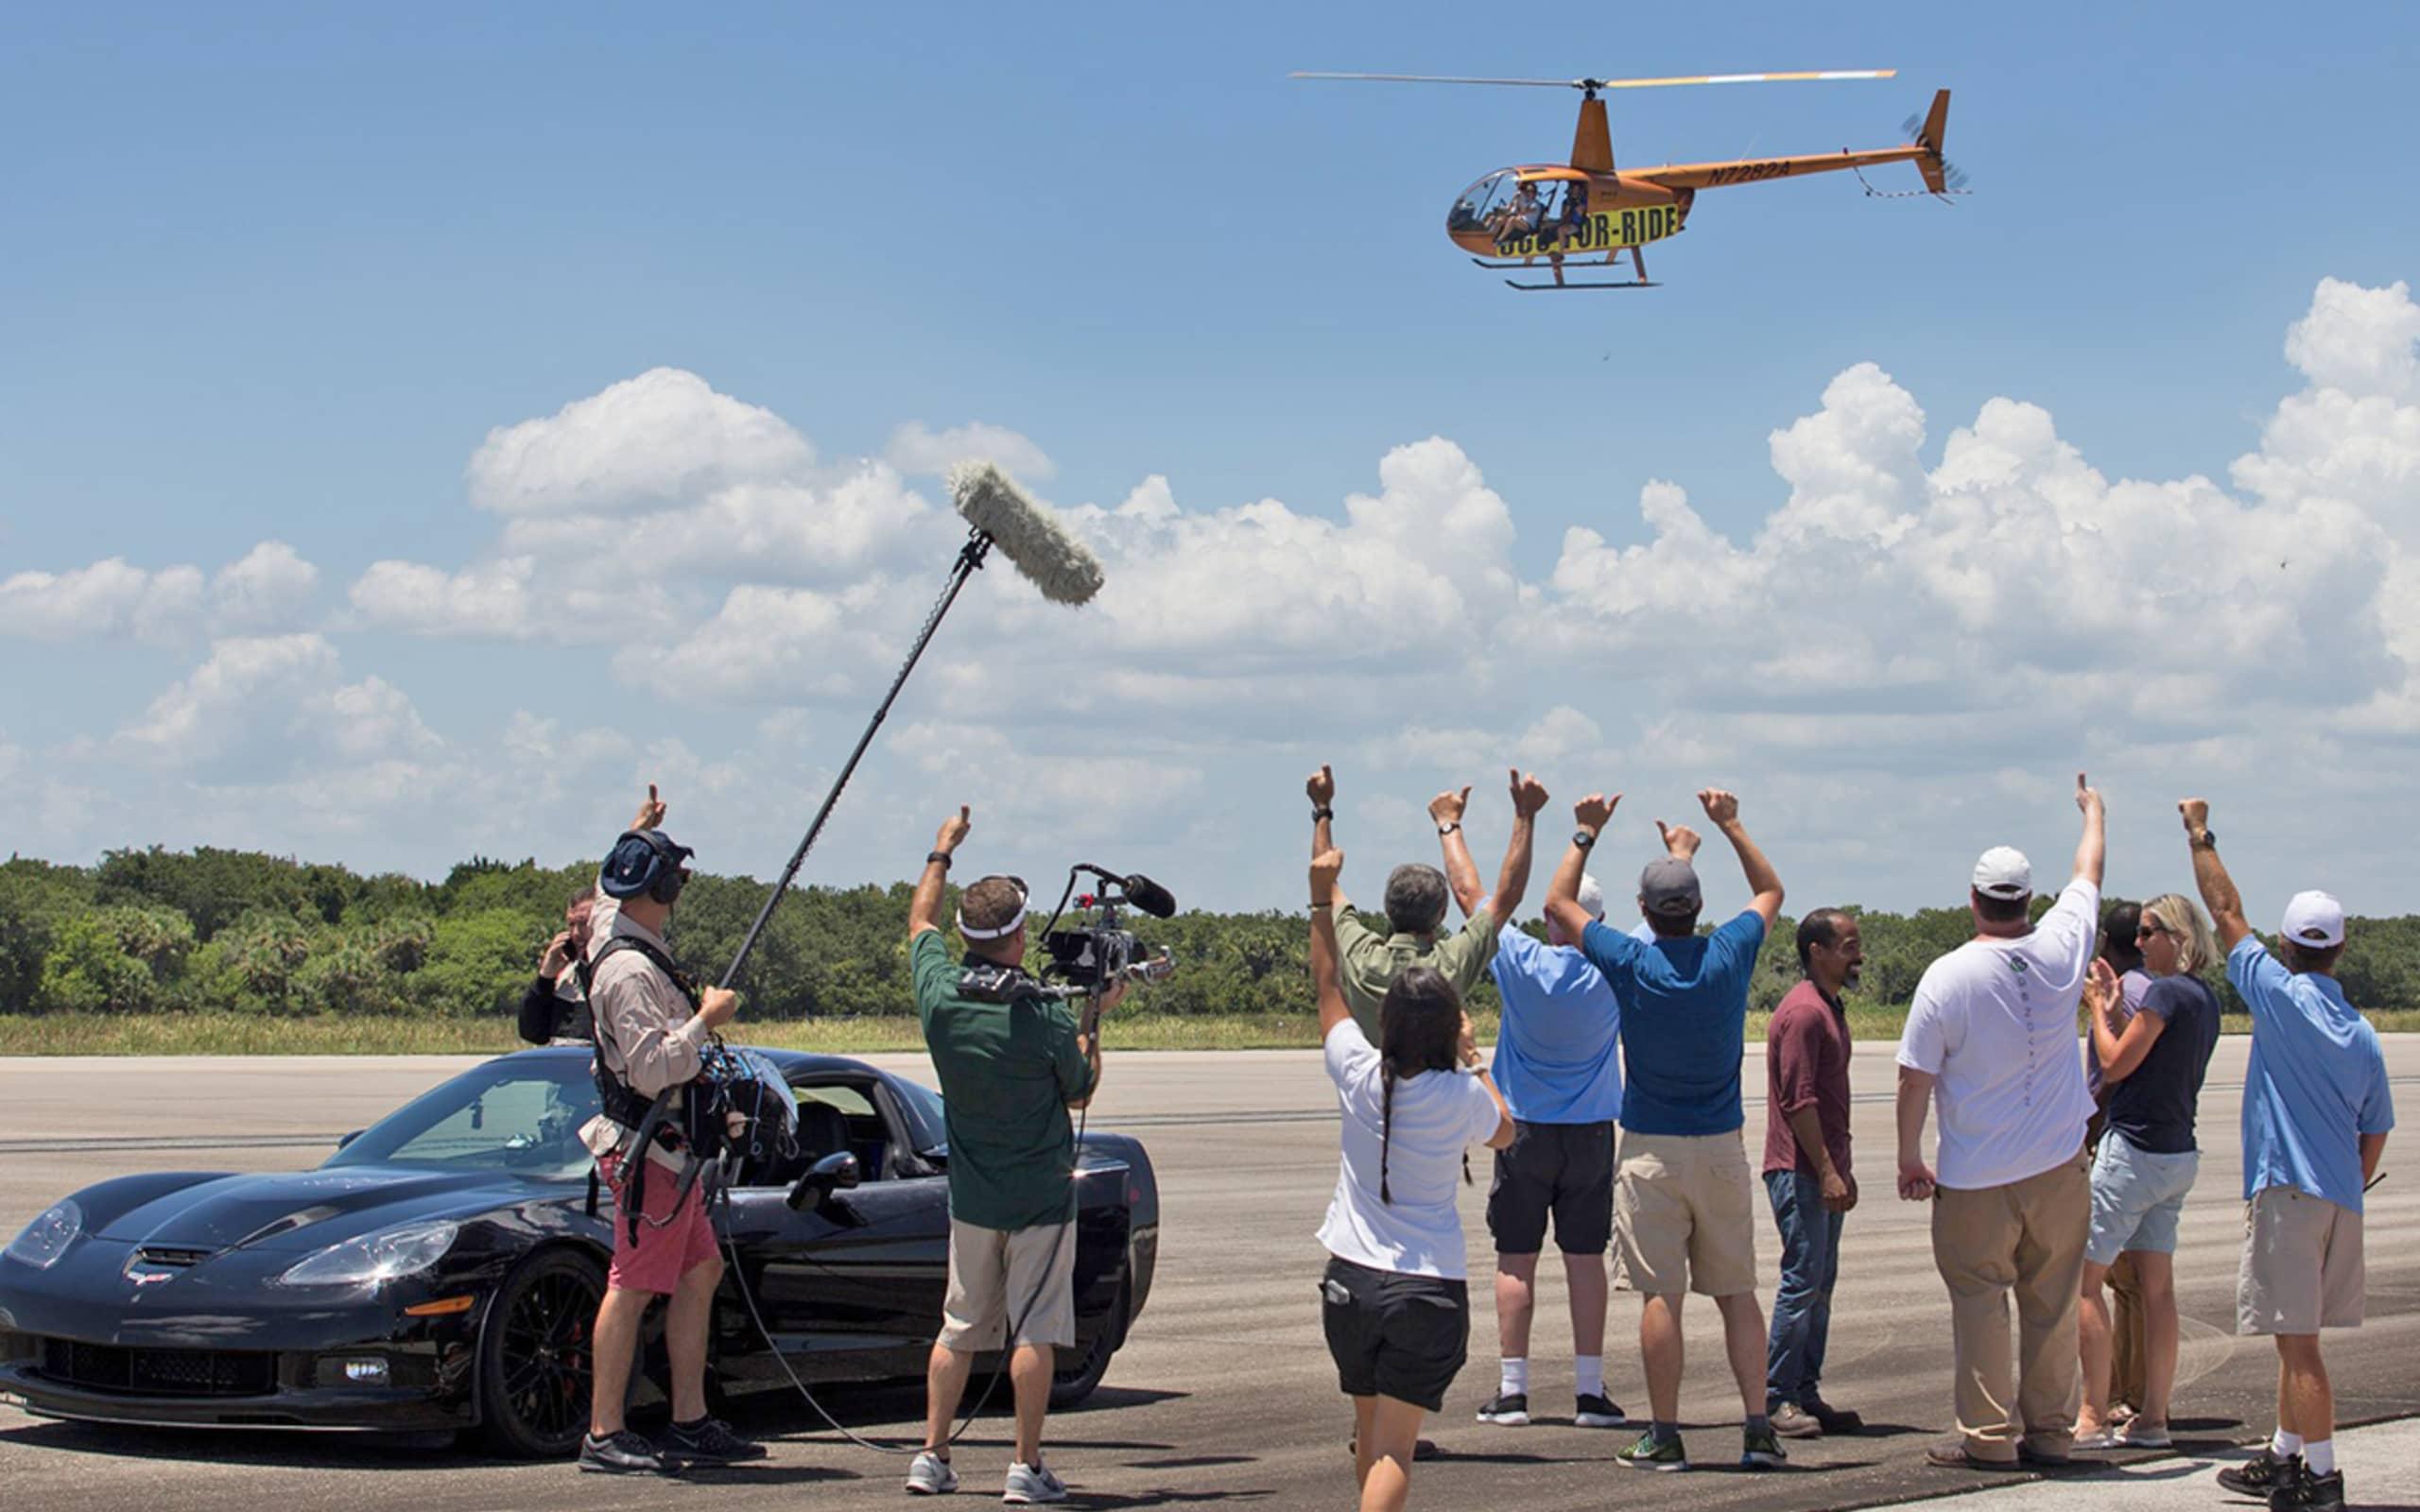 GXE : record du monde de vitesse pour une voiture électrique, 330,9 km/h 2